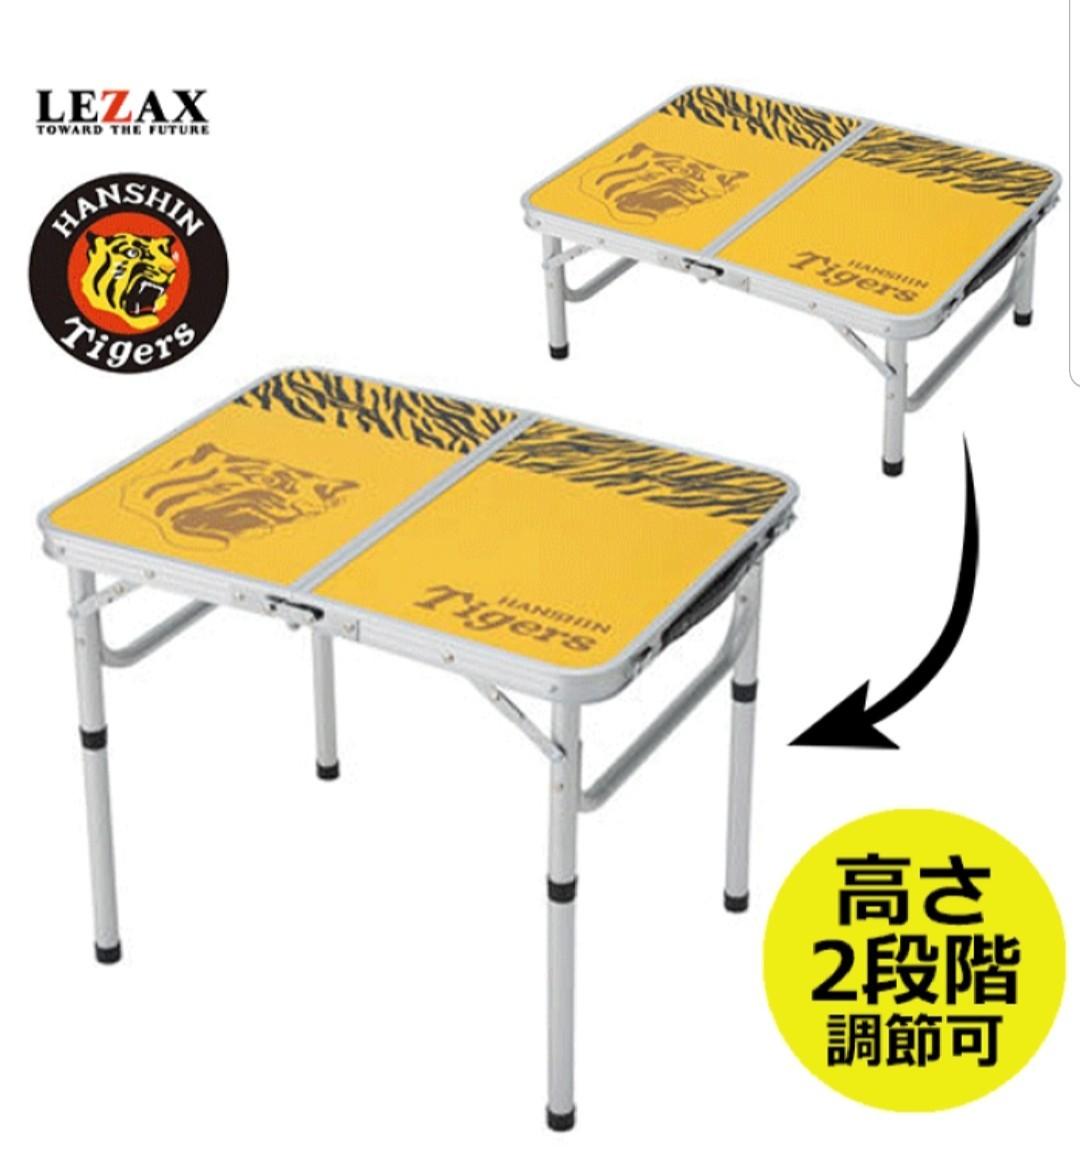 阪神タイガース アルミフォールディングテーブル アウトドア用品